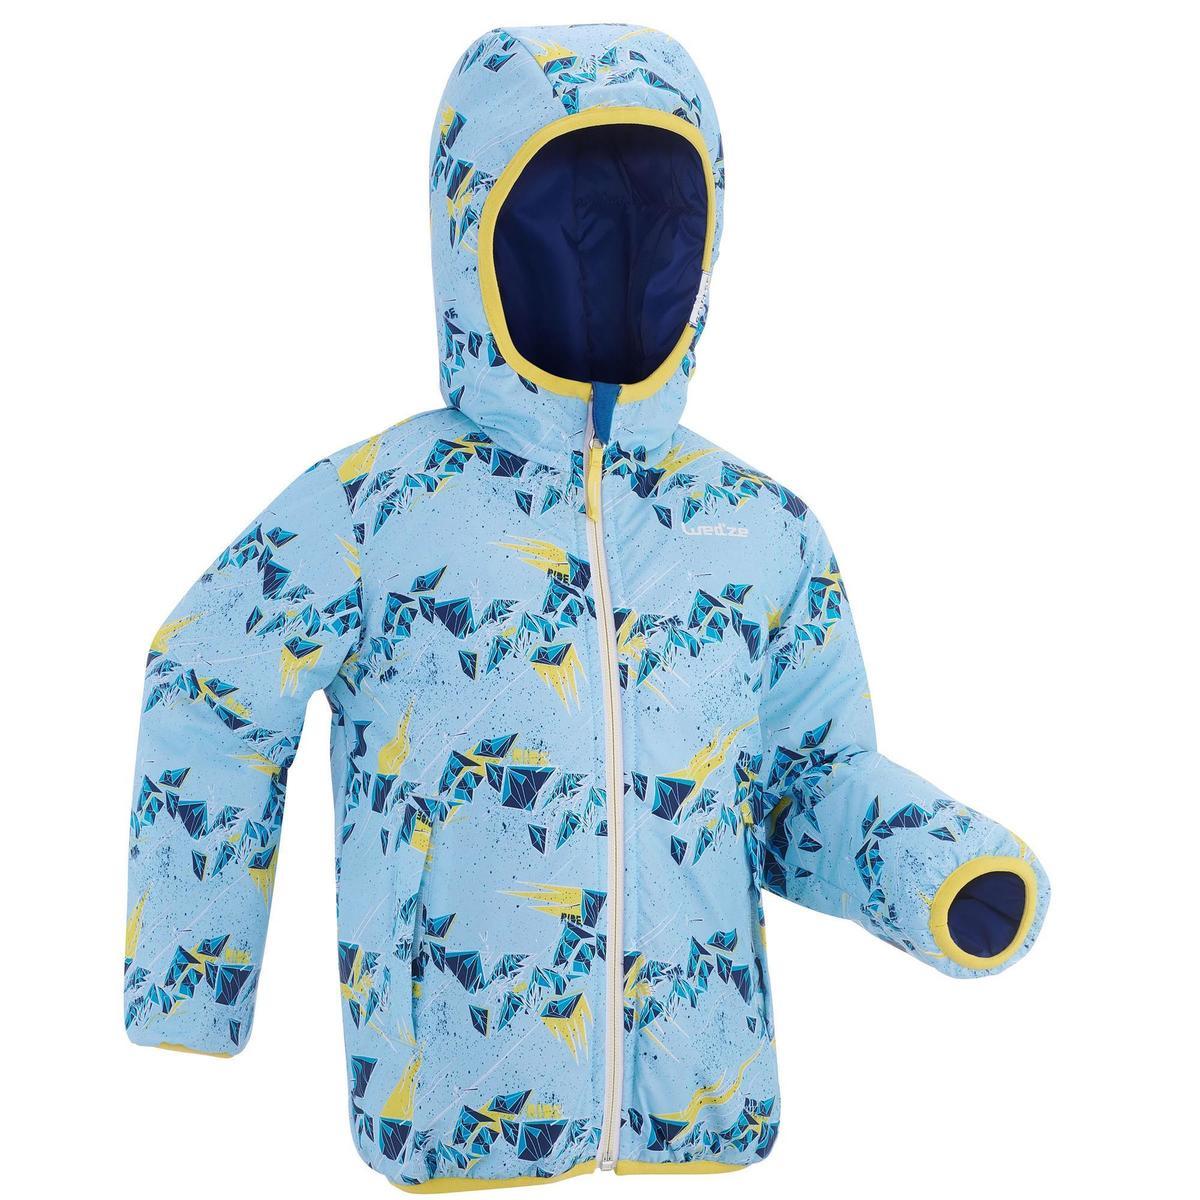 Bild 1 von Skijacke Piste100 warm wendbar Kleinkinder blau